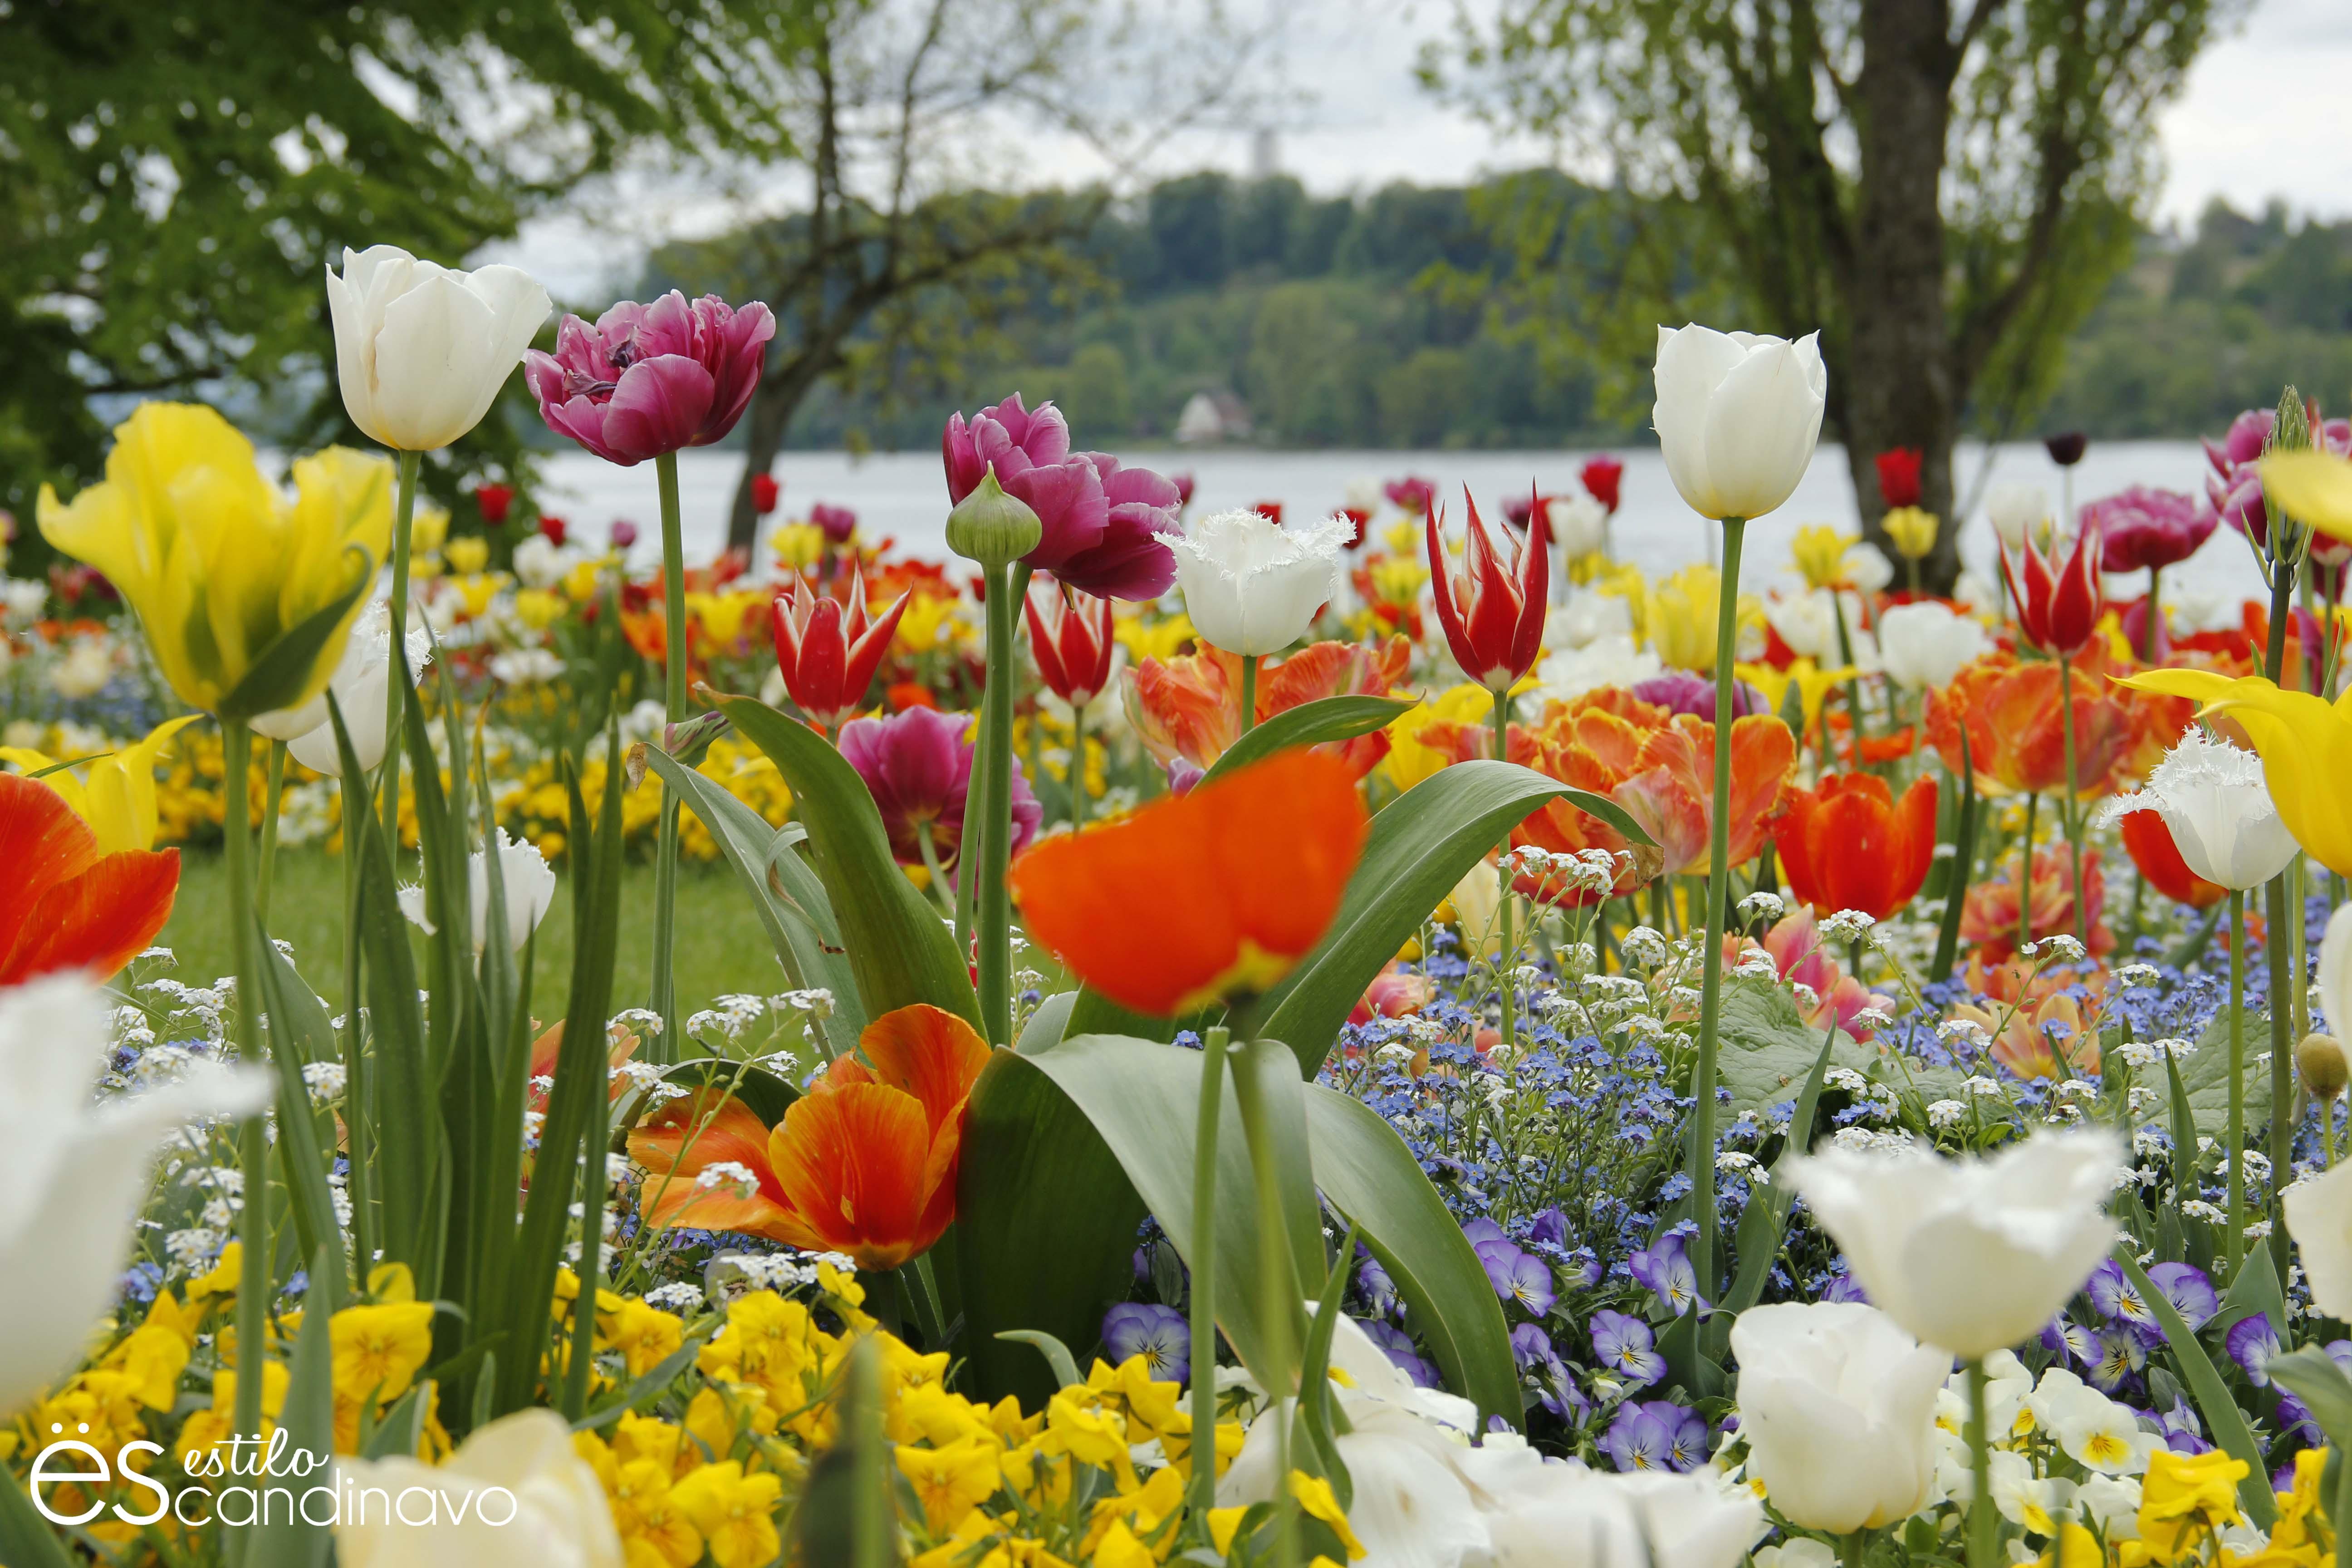 Imagenes Flores Caricatura Buscar Con Google: Buscar Imagenes De Flores. Simple Ramo De Liliums